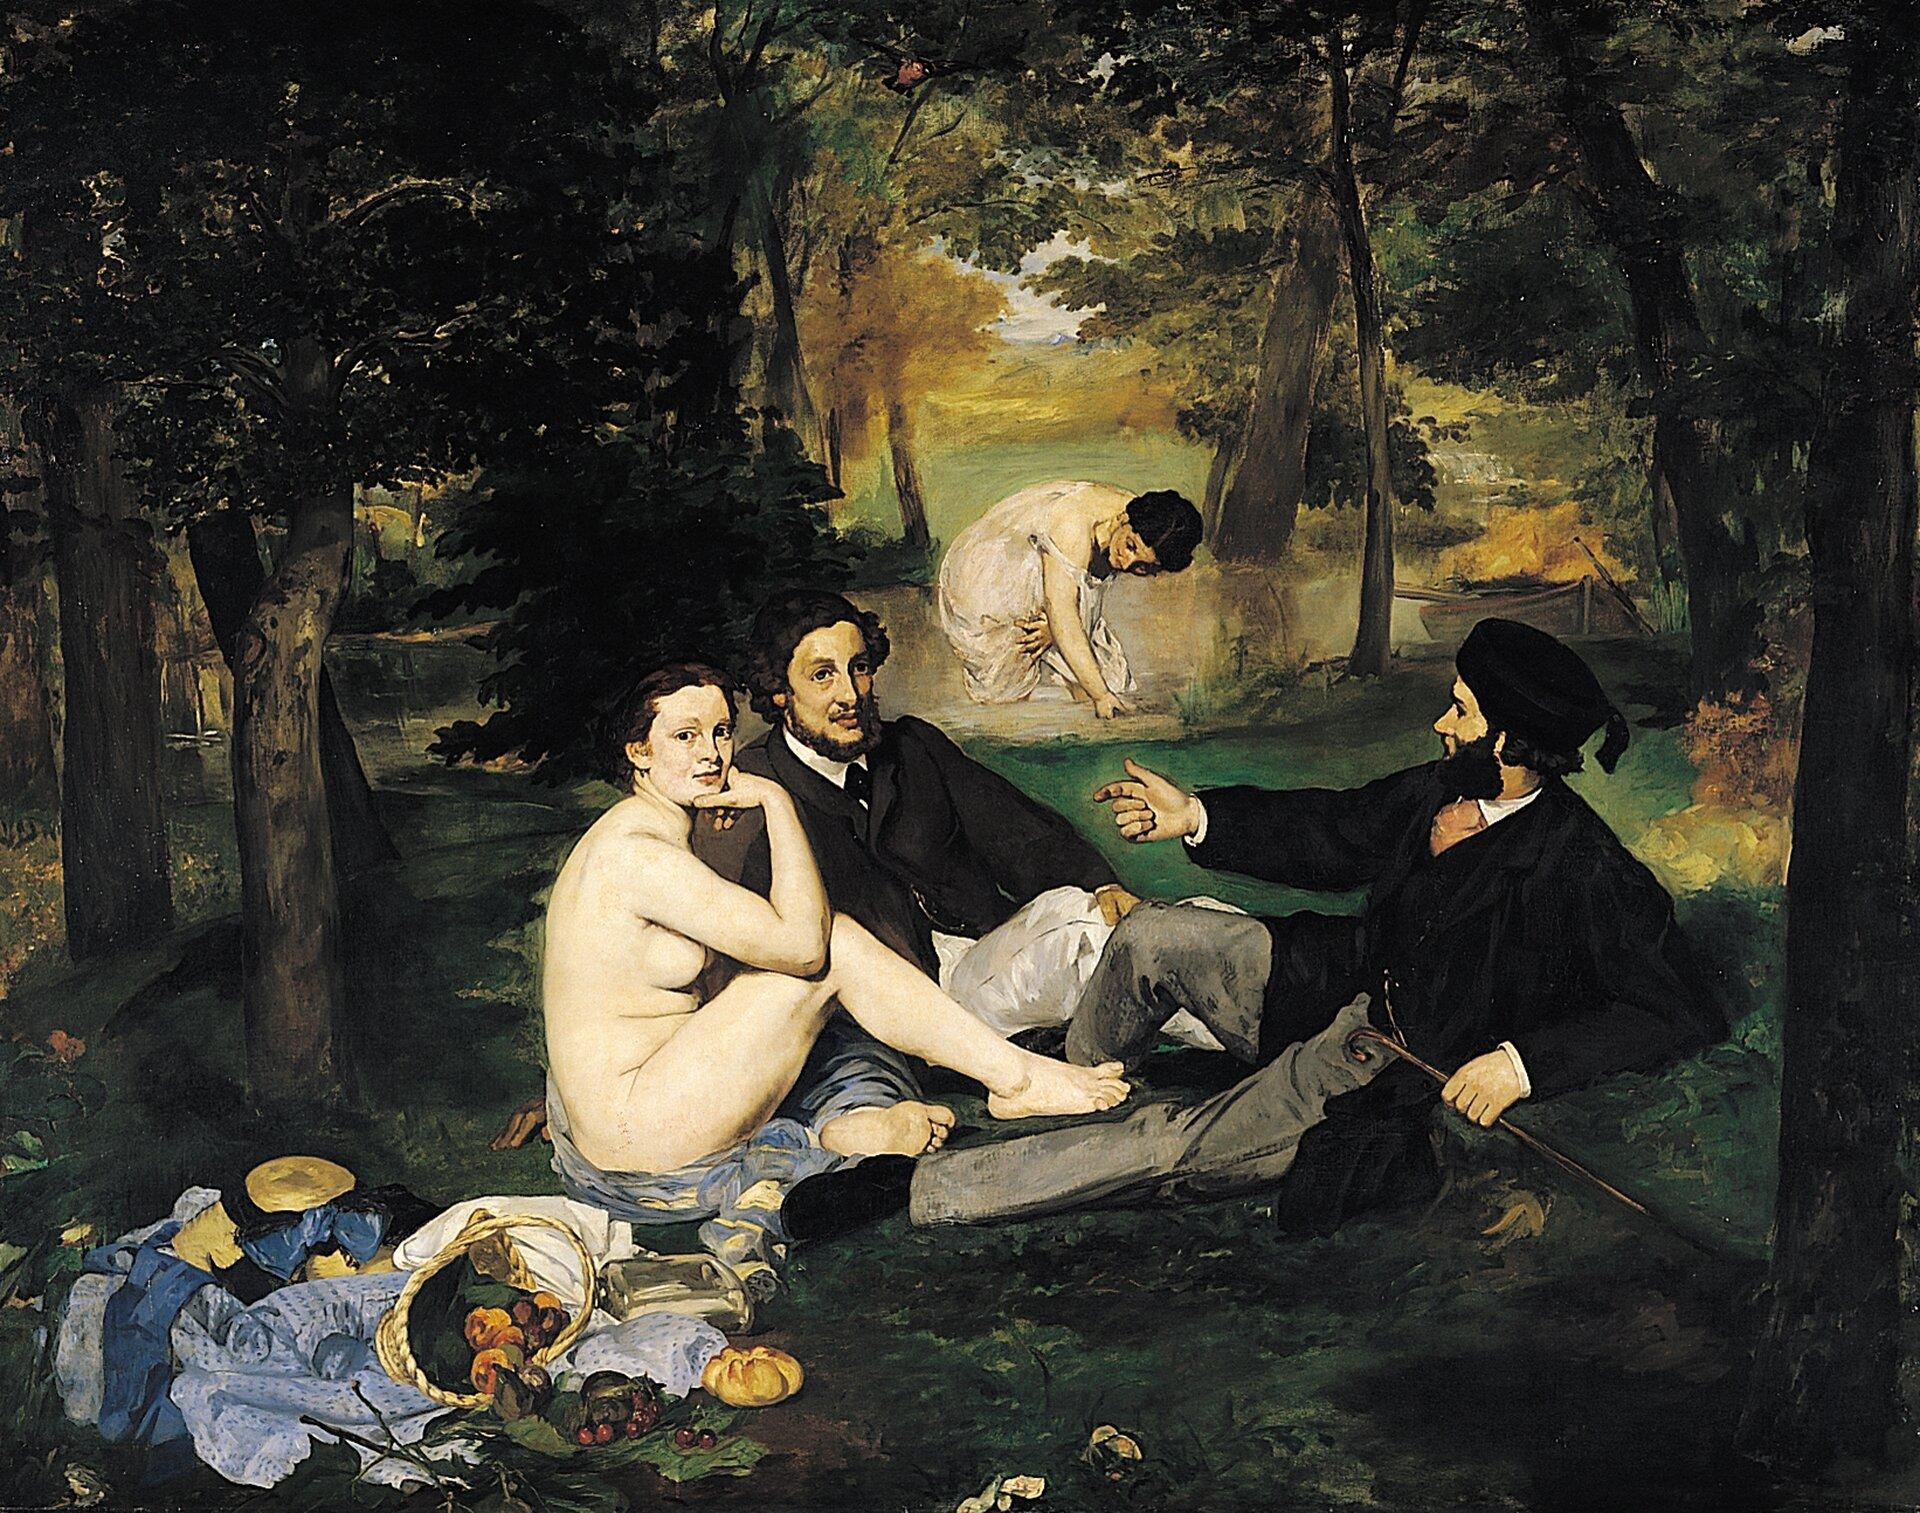 Śniadanie na trawie Źródło: Édouard Manet, Śniadanie na trawie, 1863, olej na płótnie, Musée d'Orsay, Paryż, domena publiczna.